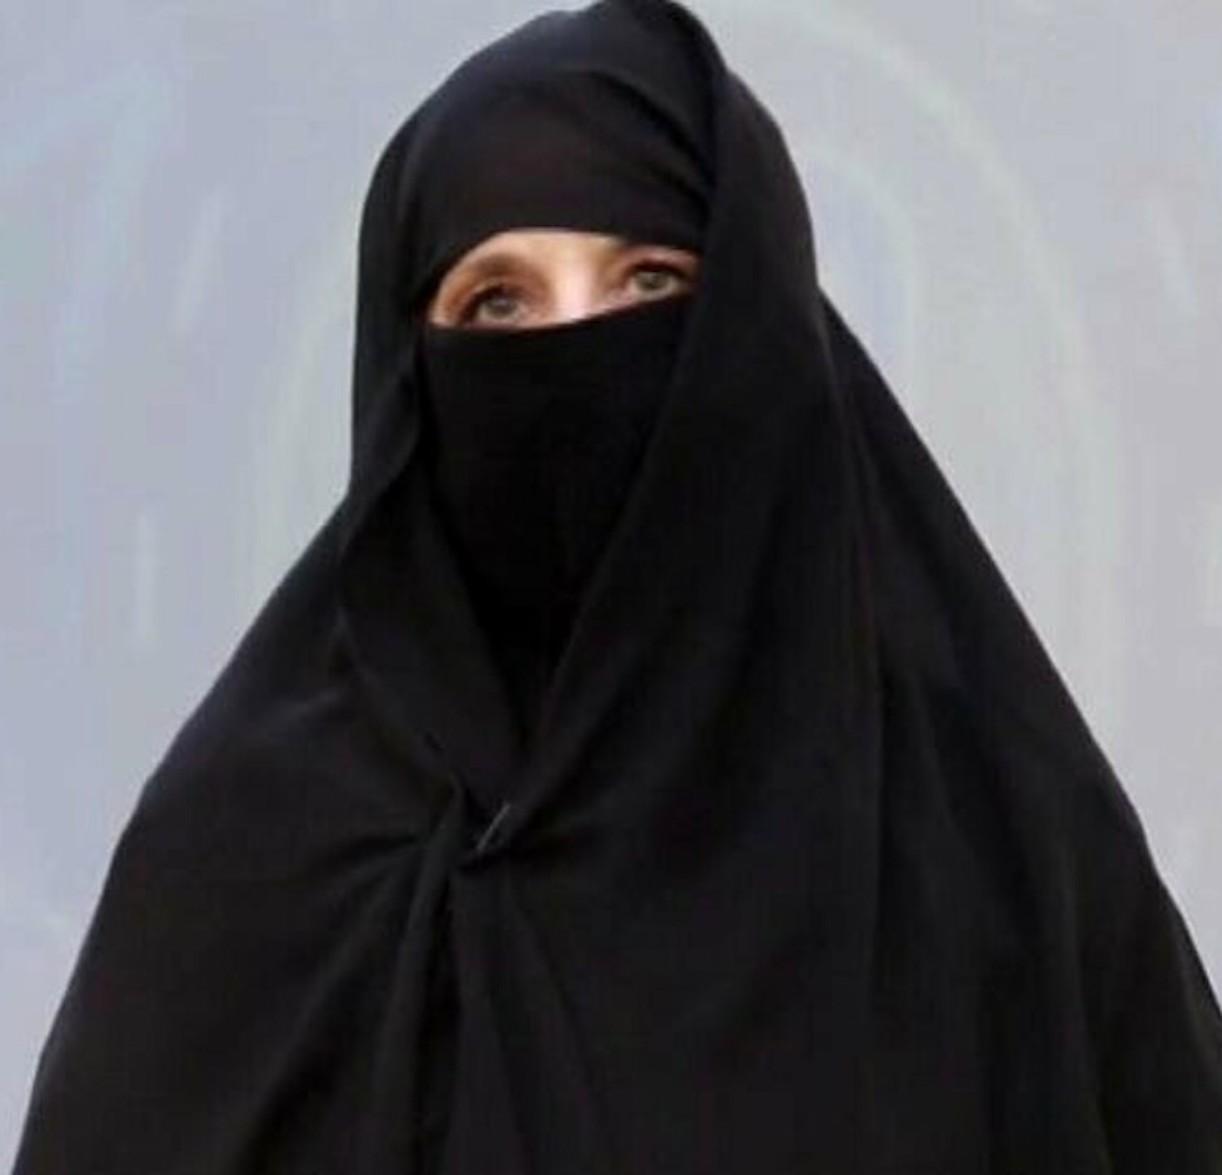 """""""Vatti a cambiare"""". GF Vip, la concorrente si presenta in niqab. E la polemica scatta immediata"""